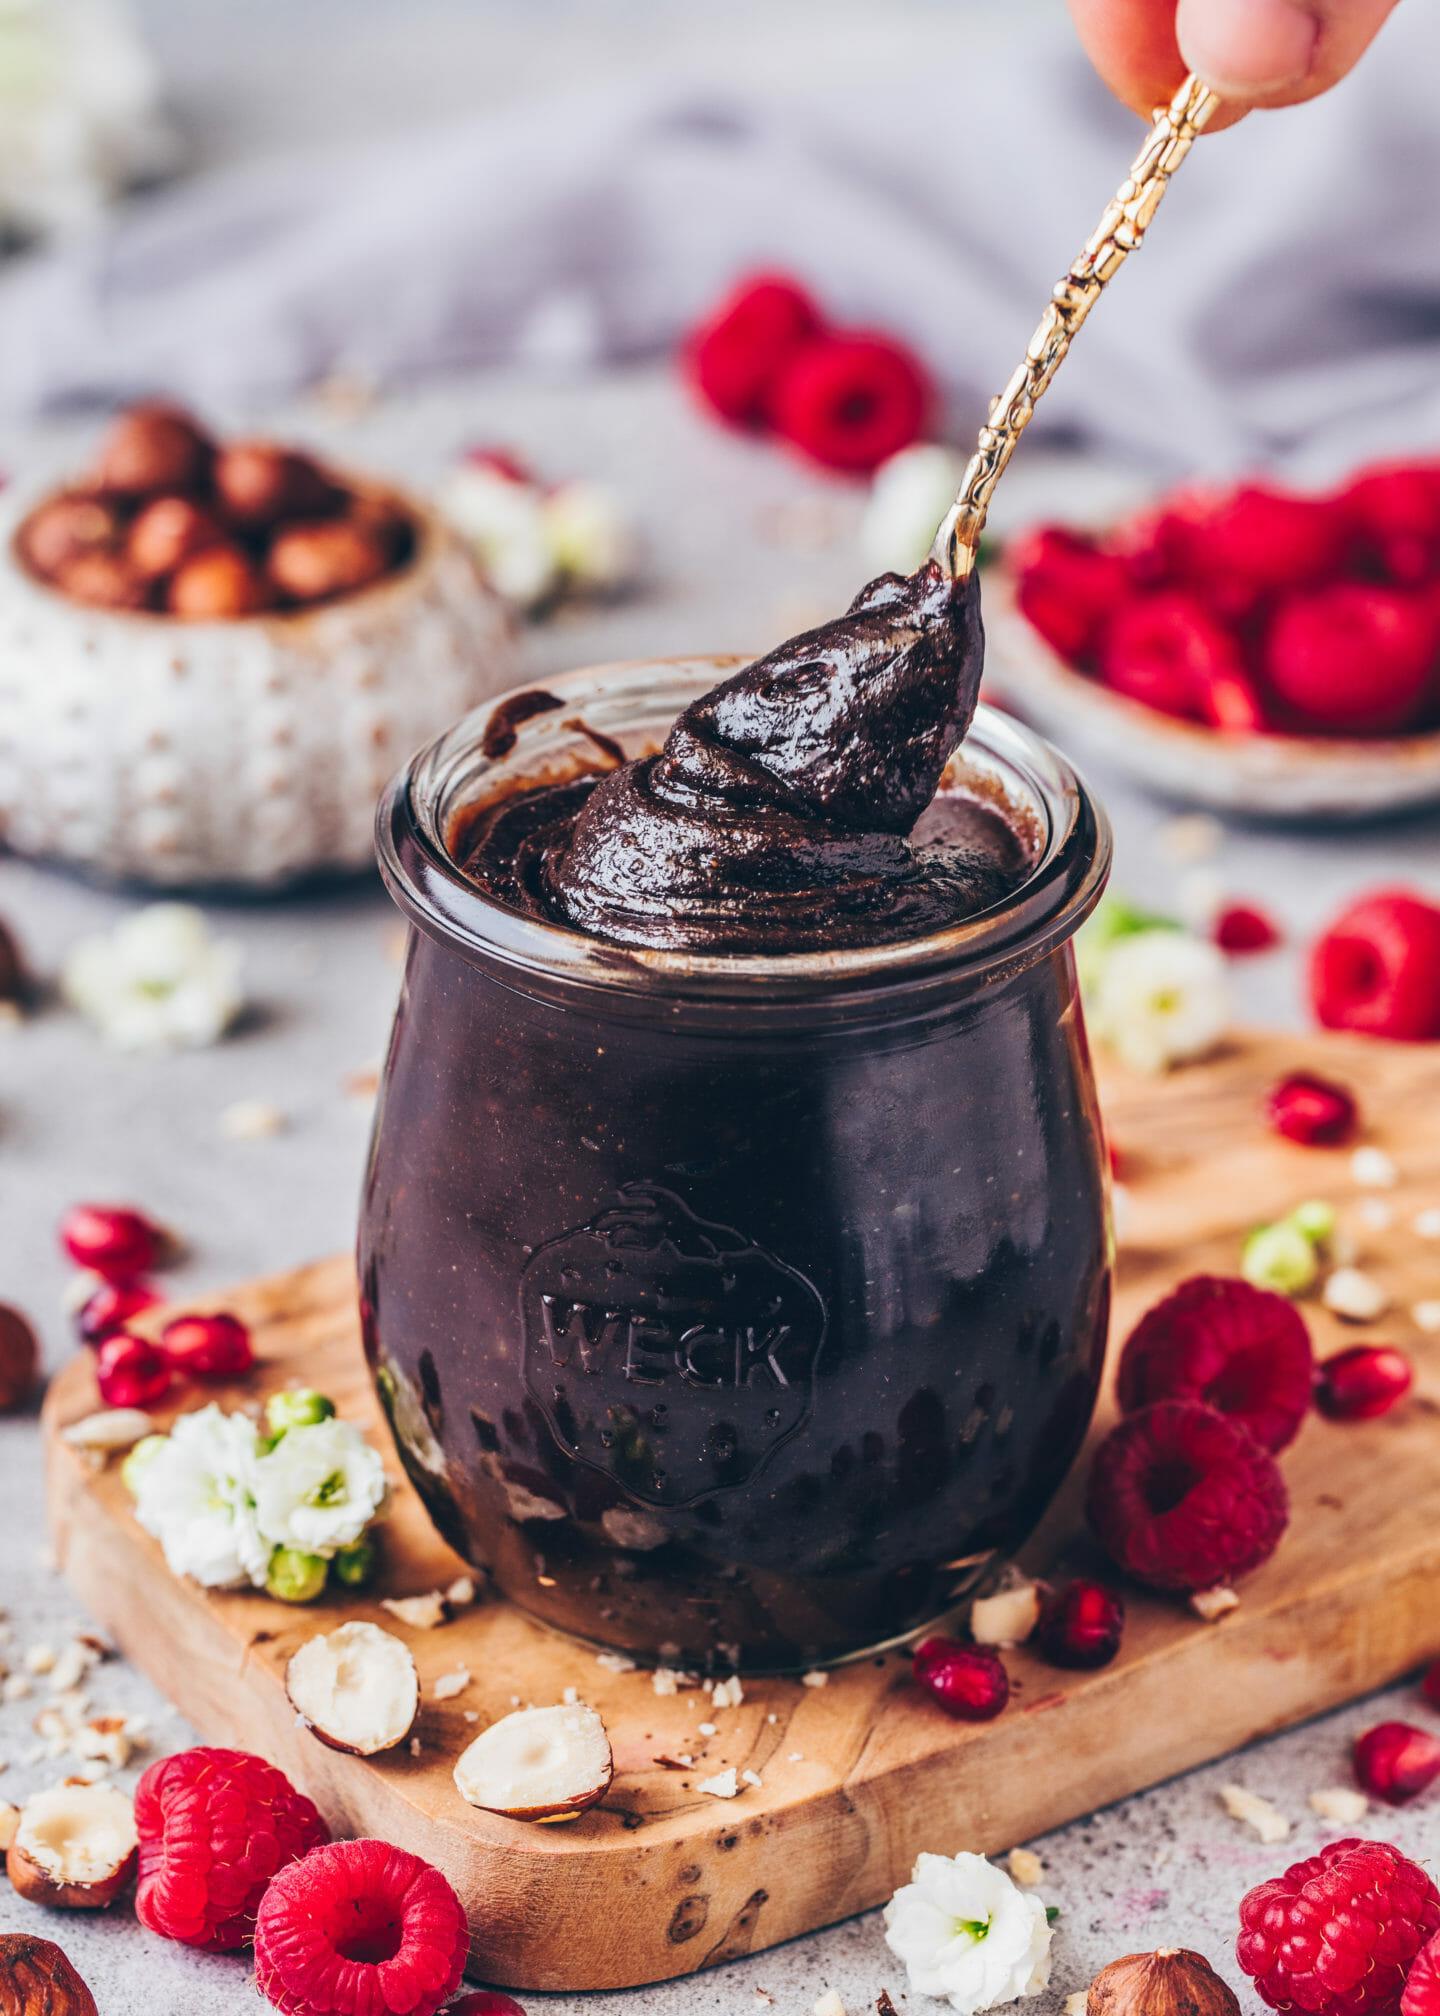 Vegane Nutella, selbstgemachte Nuss-Nougat-Creme, Schoko-Haselnuss-Aufstrich im Glas